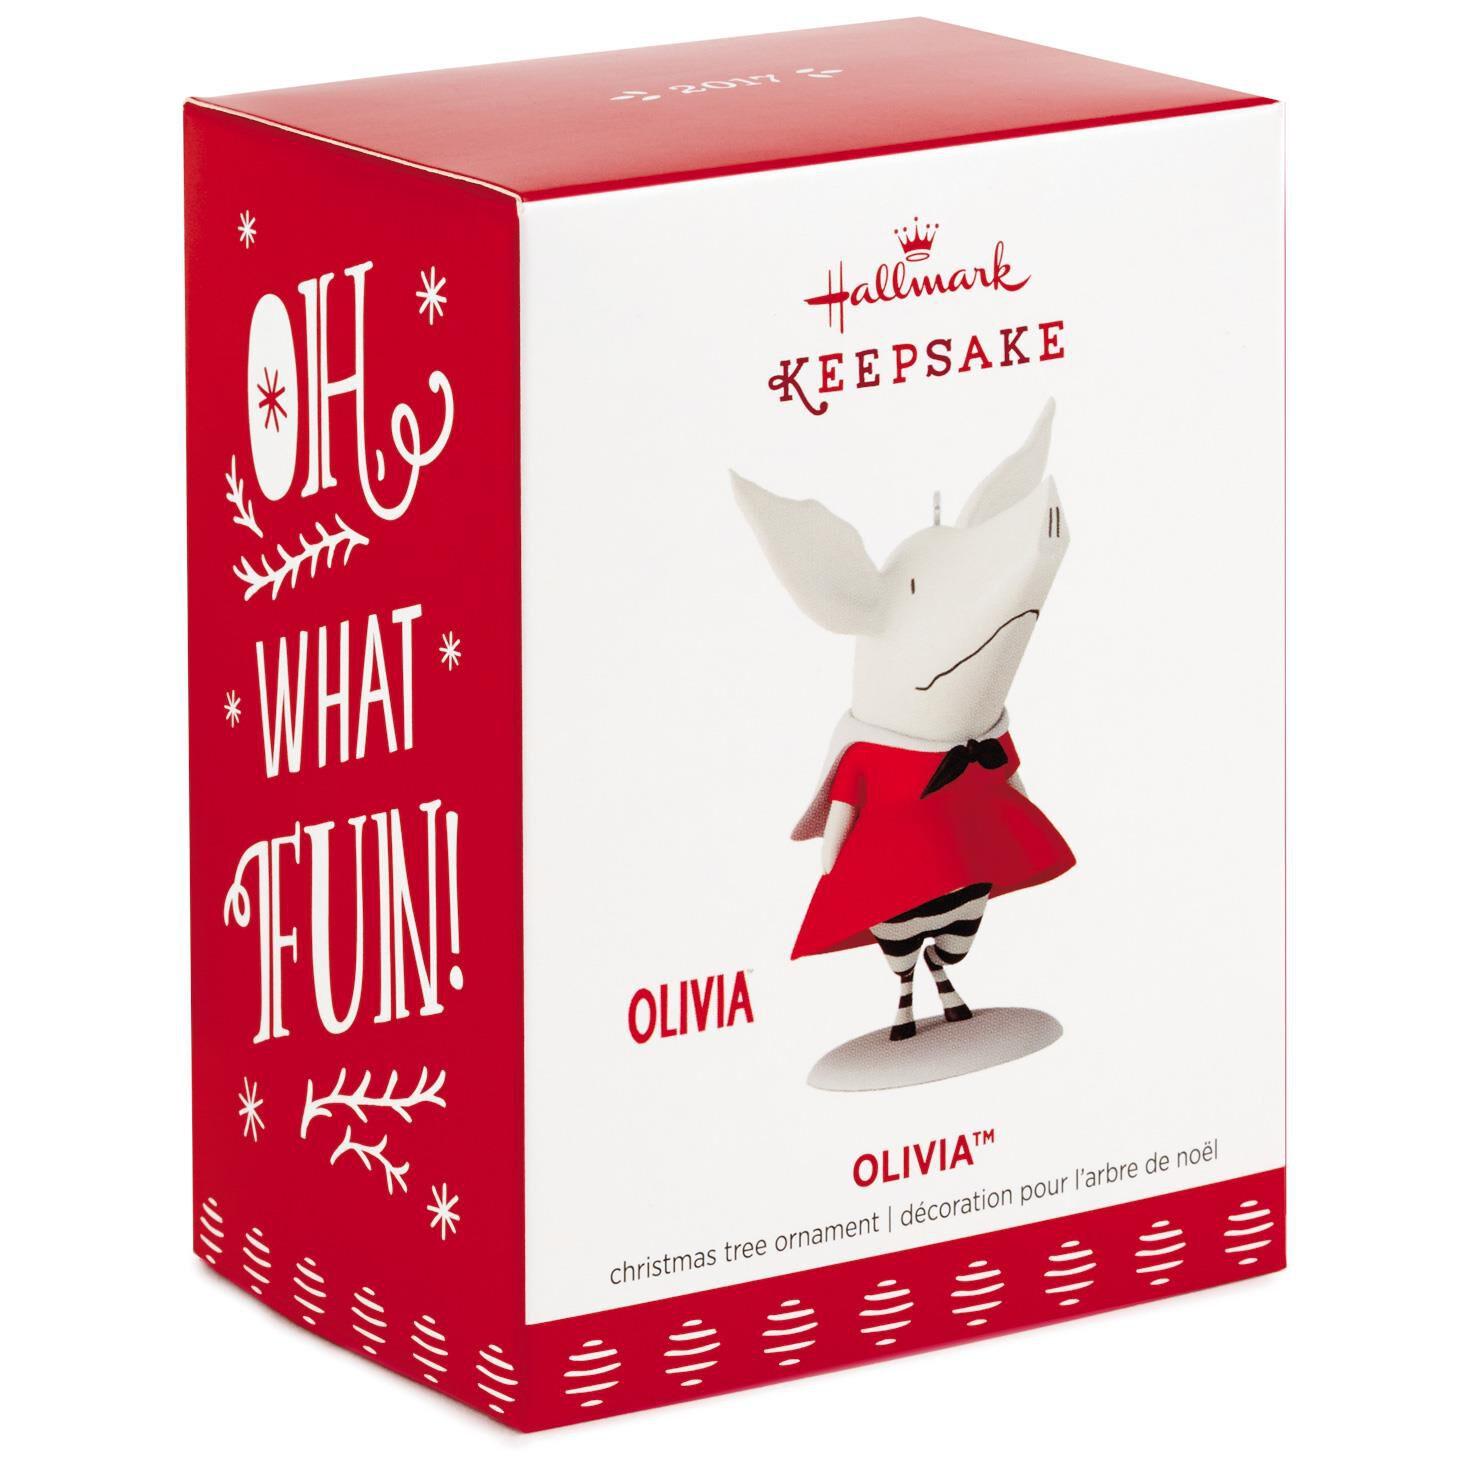 Olivia™ the Pig Ornament - Keepsake Ornaments - Hallmark